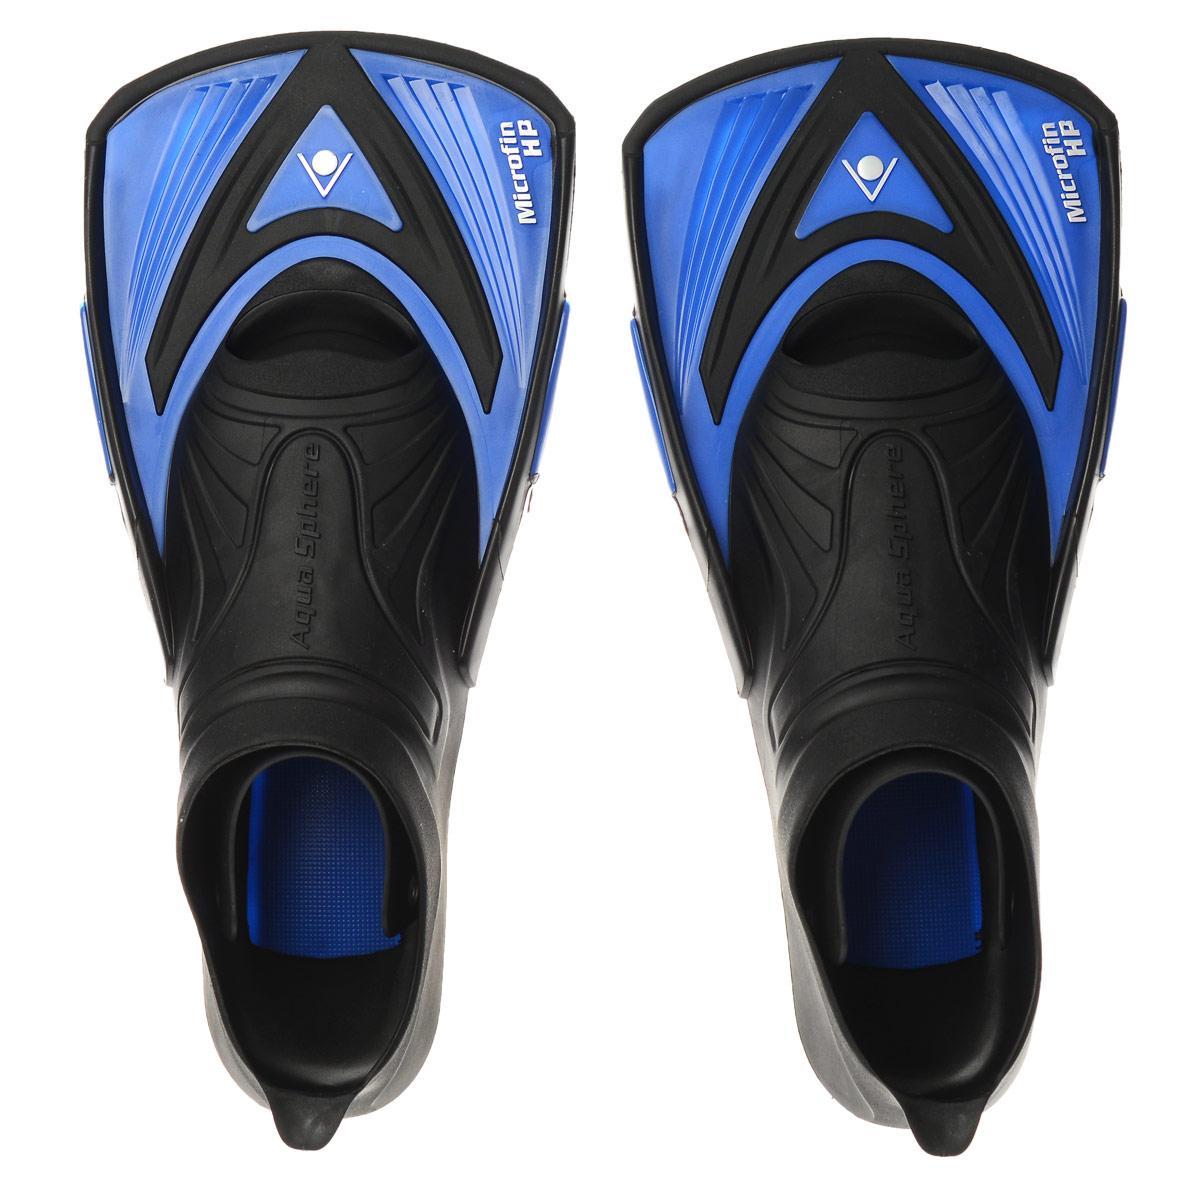 Ласты тренировочные Aqua Sphere Microfin HP, цвет: синий. Размер 40/413B327Aqua Sphere Microfin HP - это ласты для энергичной манеры плавания, предназначенные для серьезных спортивных тренировок. Уникальный дизайн ласт обеспечивает достаточное сопротивление воды для силовых тренировок и поддерживает ноги близко к поверхности воды - таким образом, пловец занимает правильное положение, гарантирующее максимальную обтекаемость. Особенности:Галоша с закрытой пяткой выполнена из прочного термопластика.Короткие лопасти удерживают ноги пловца близко к поверхности воды.Позволяют развивать силу мышц и поддерживать их в тонусе, одновременно совершенствуя технику плавания.